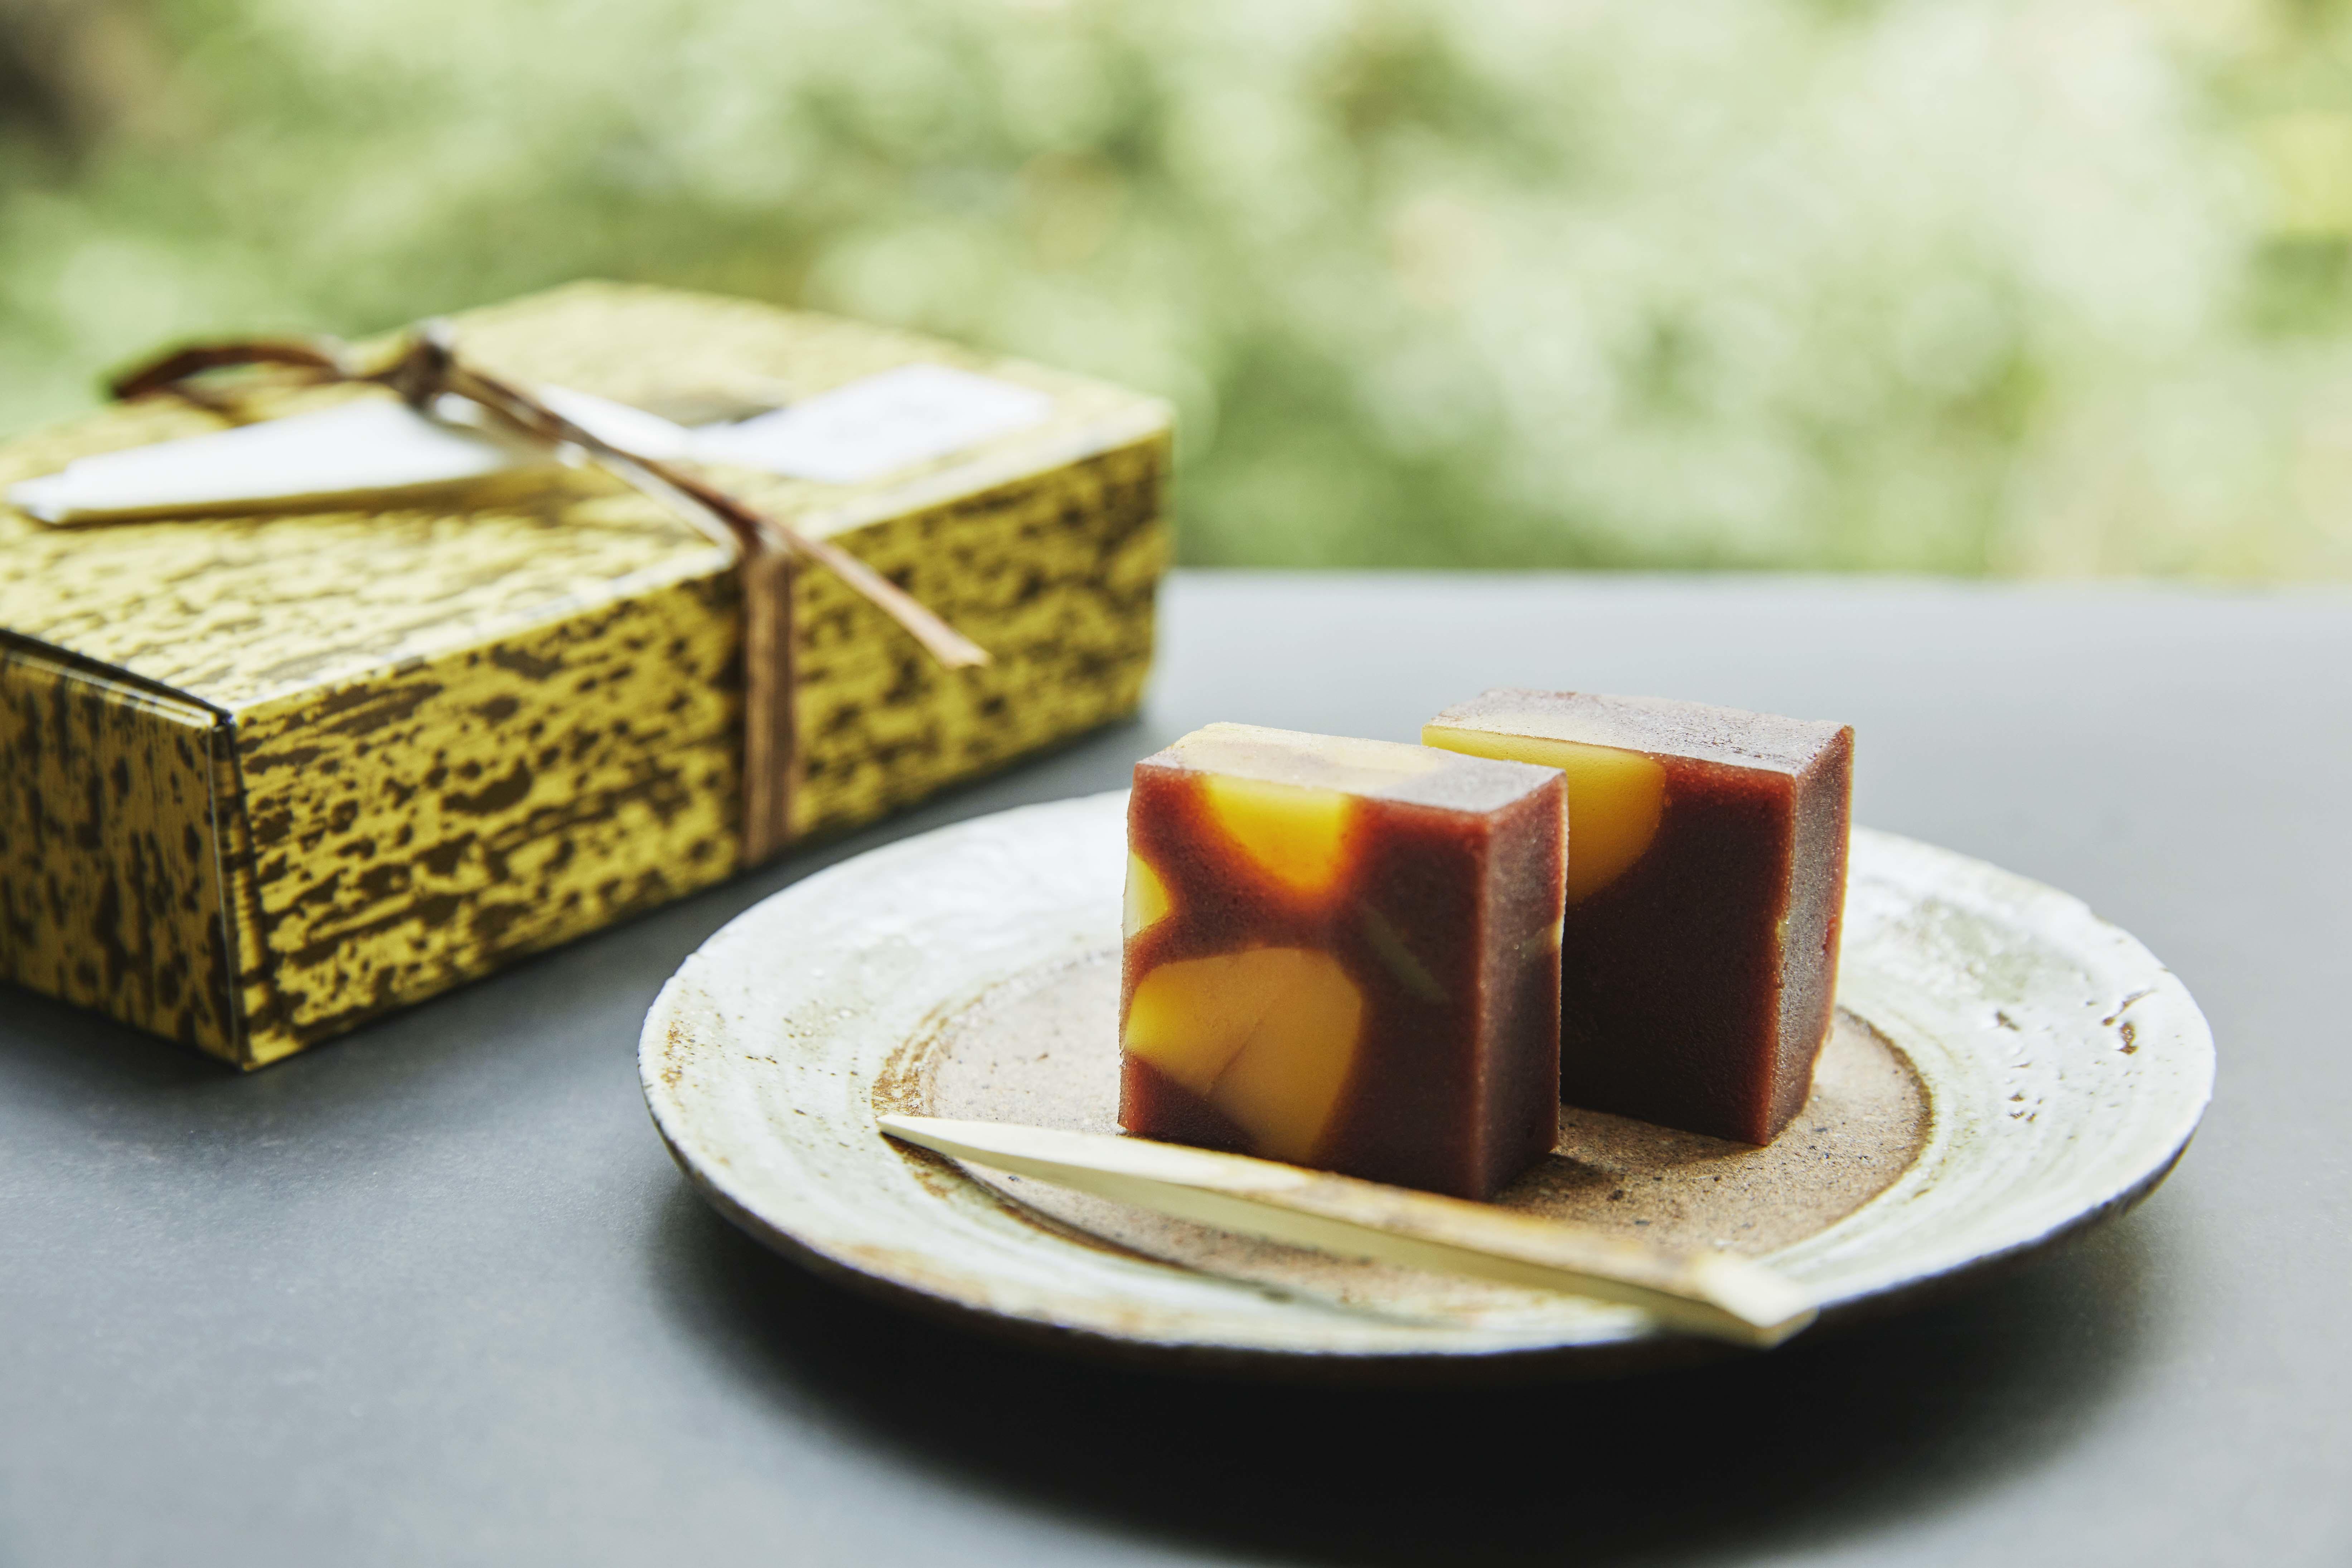 《テイクアウト限定》 羽衣の甘味「栗蒸し羊羹」  / Hagoromo's Japanese sweets